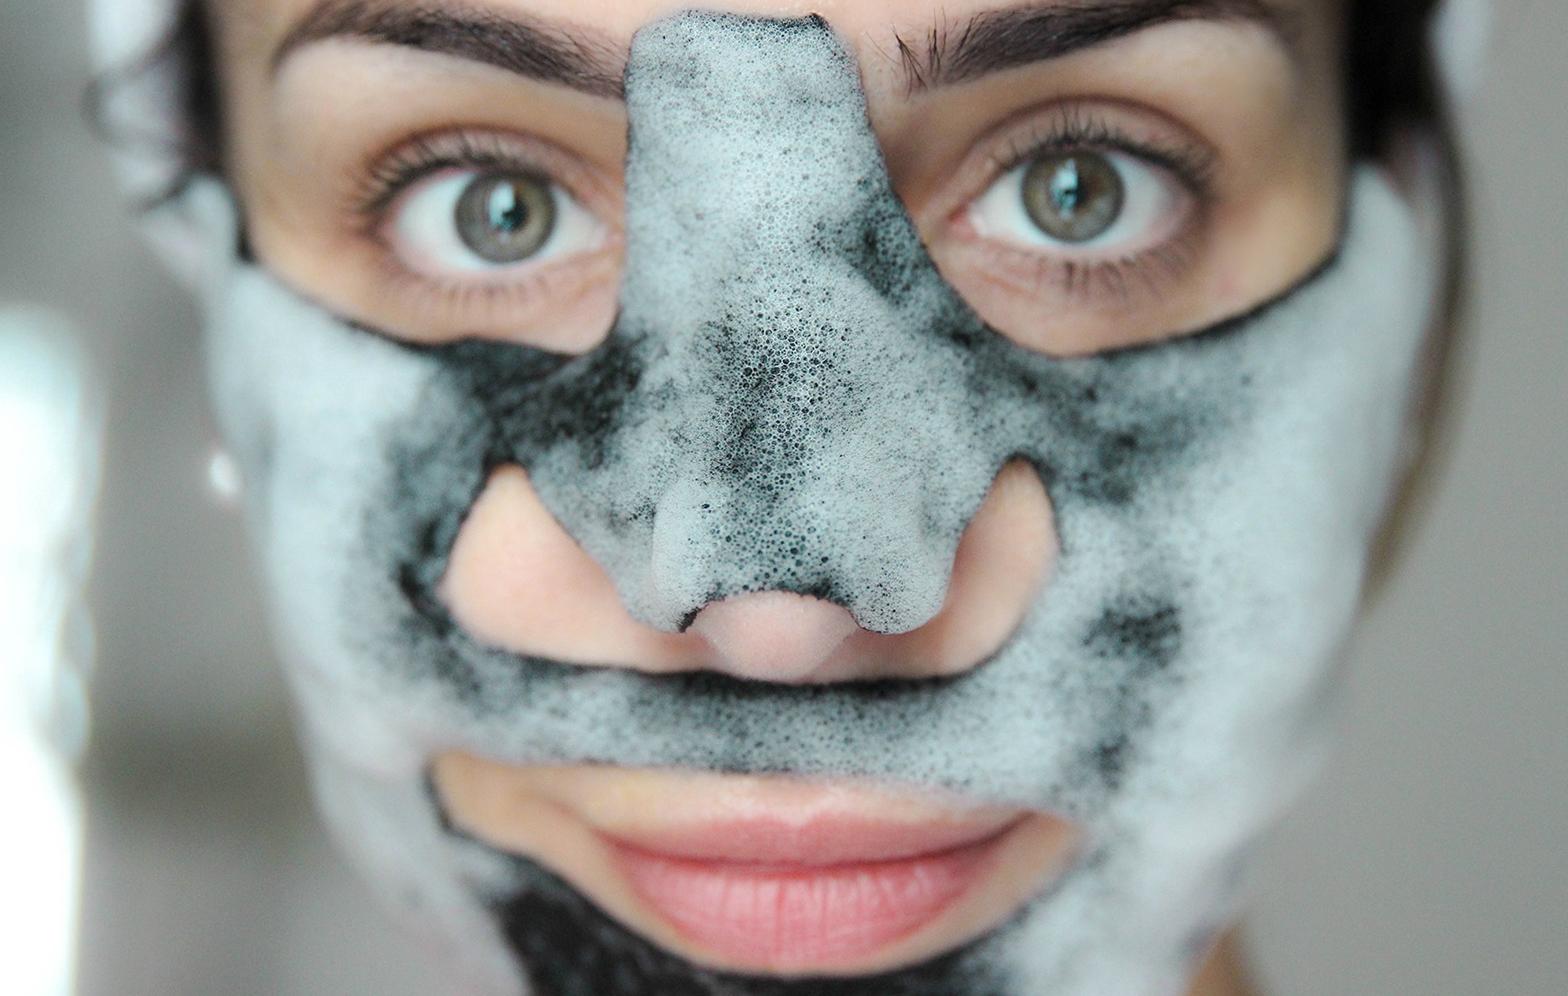 Masque-Moussant-bubblemask-6